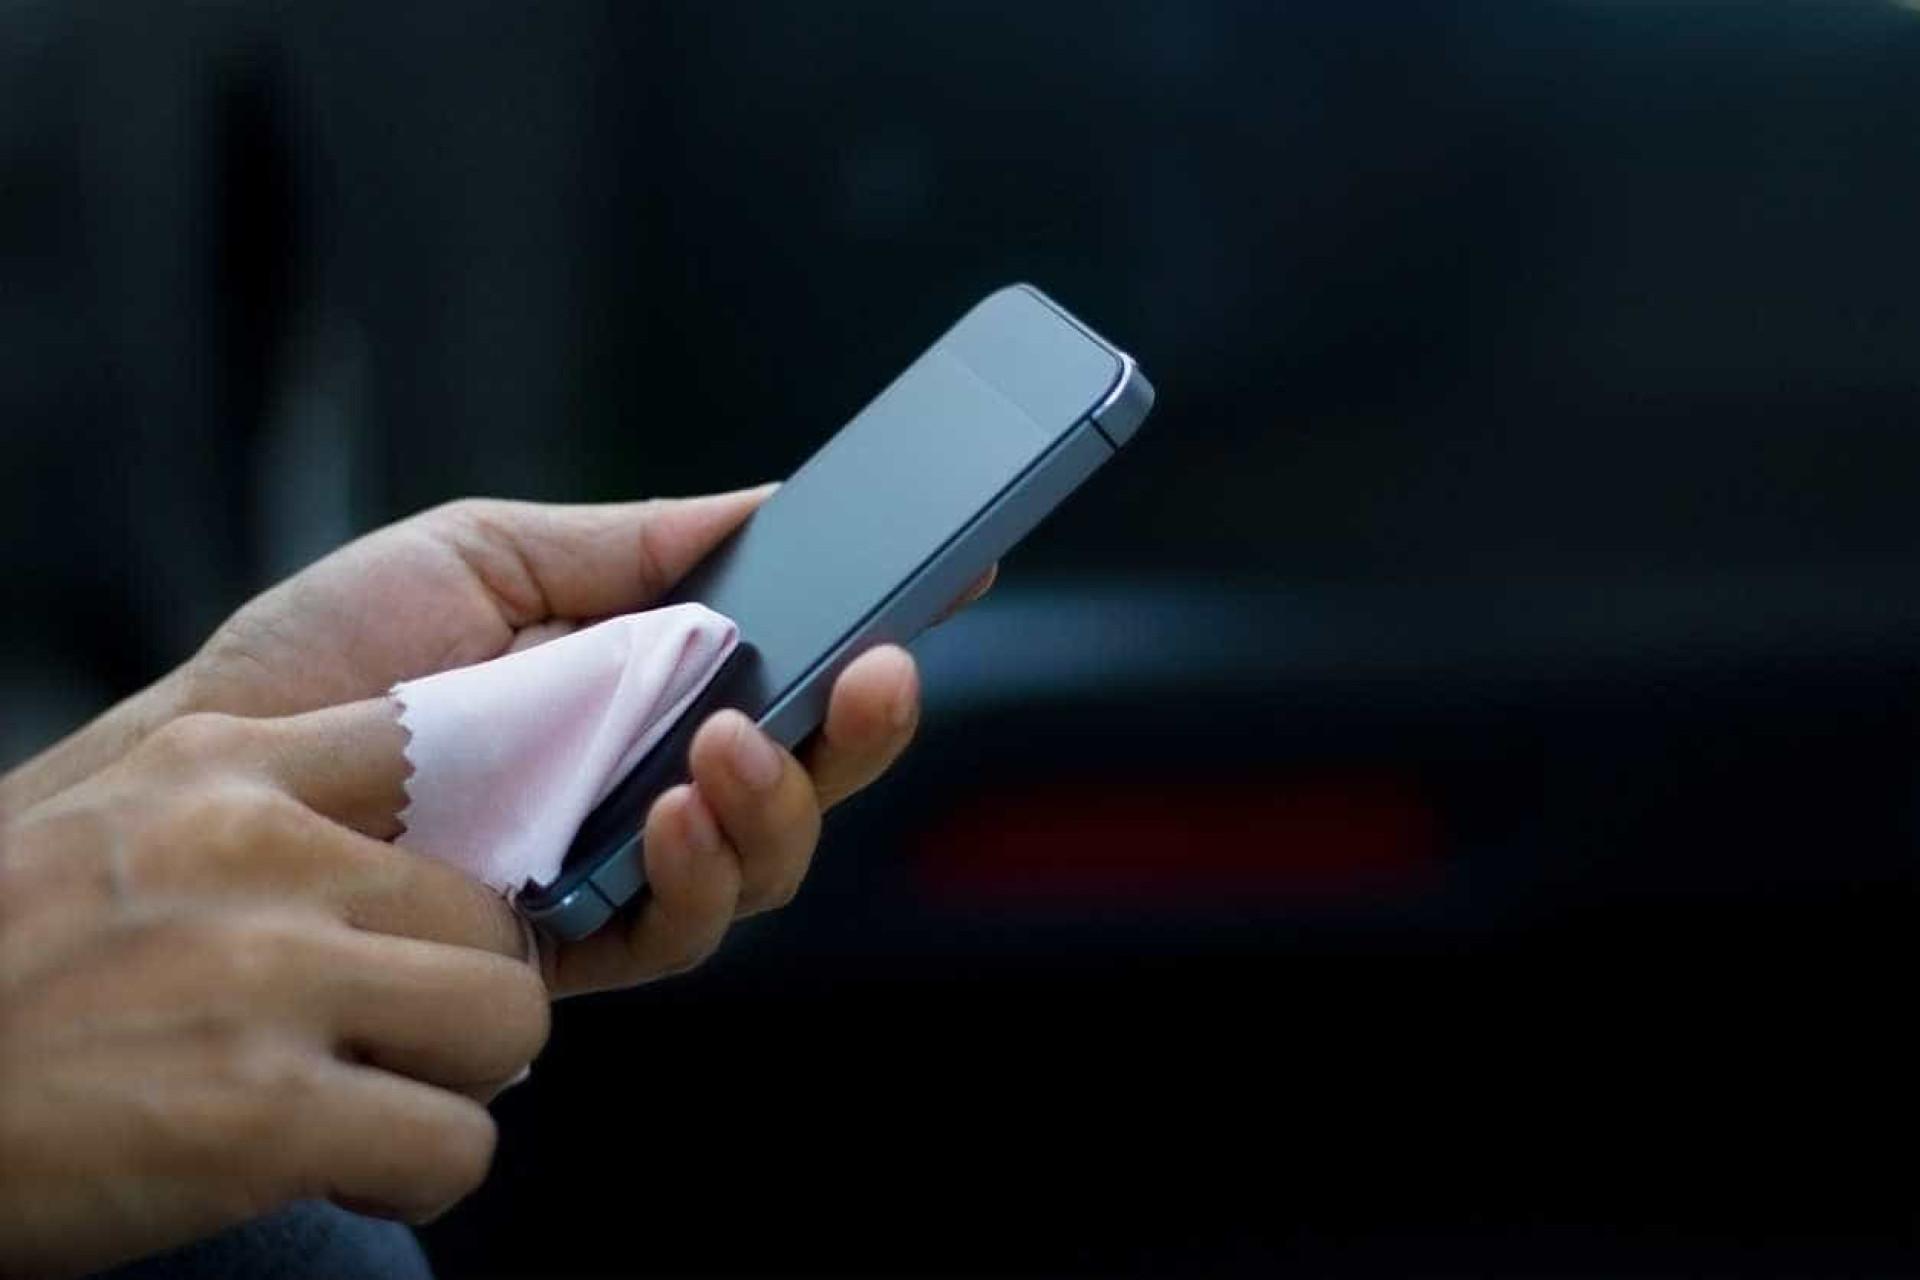 Sem truques. As 4 regras a seguir para manter o smartphone durante anos